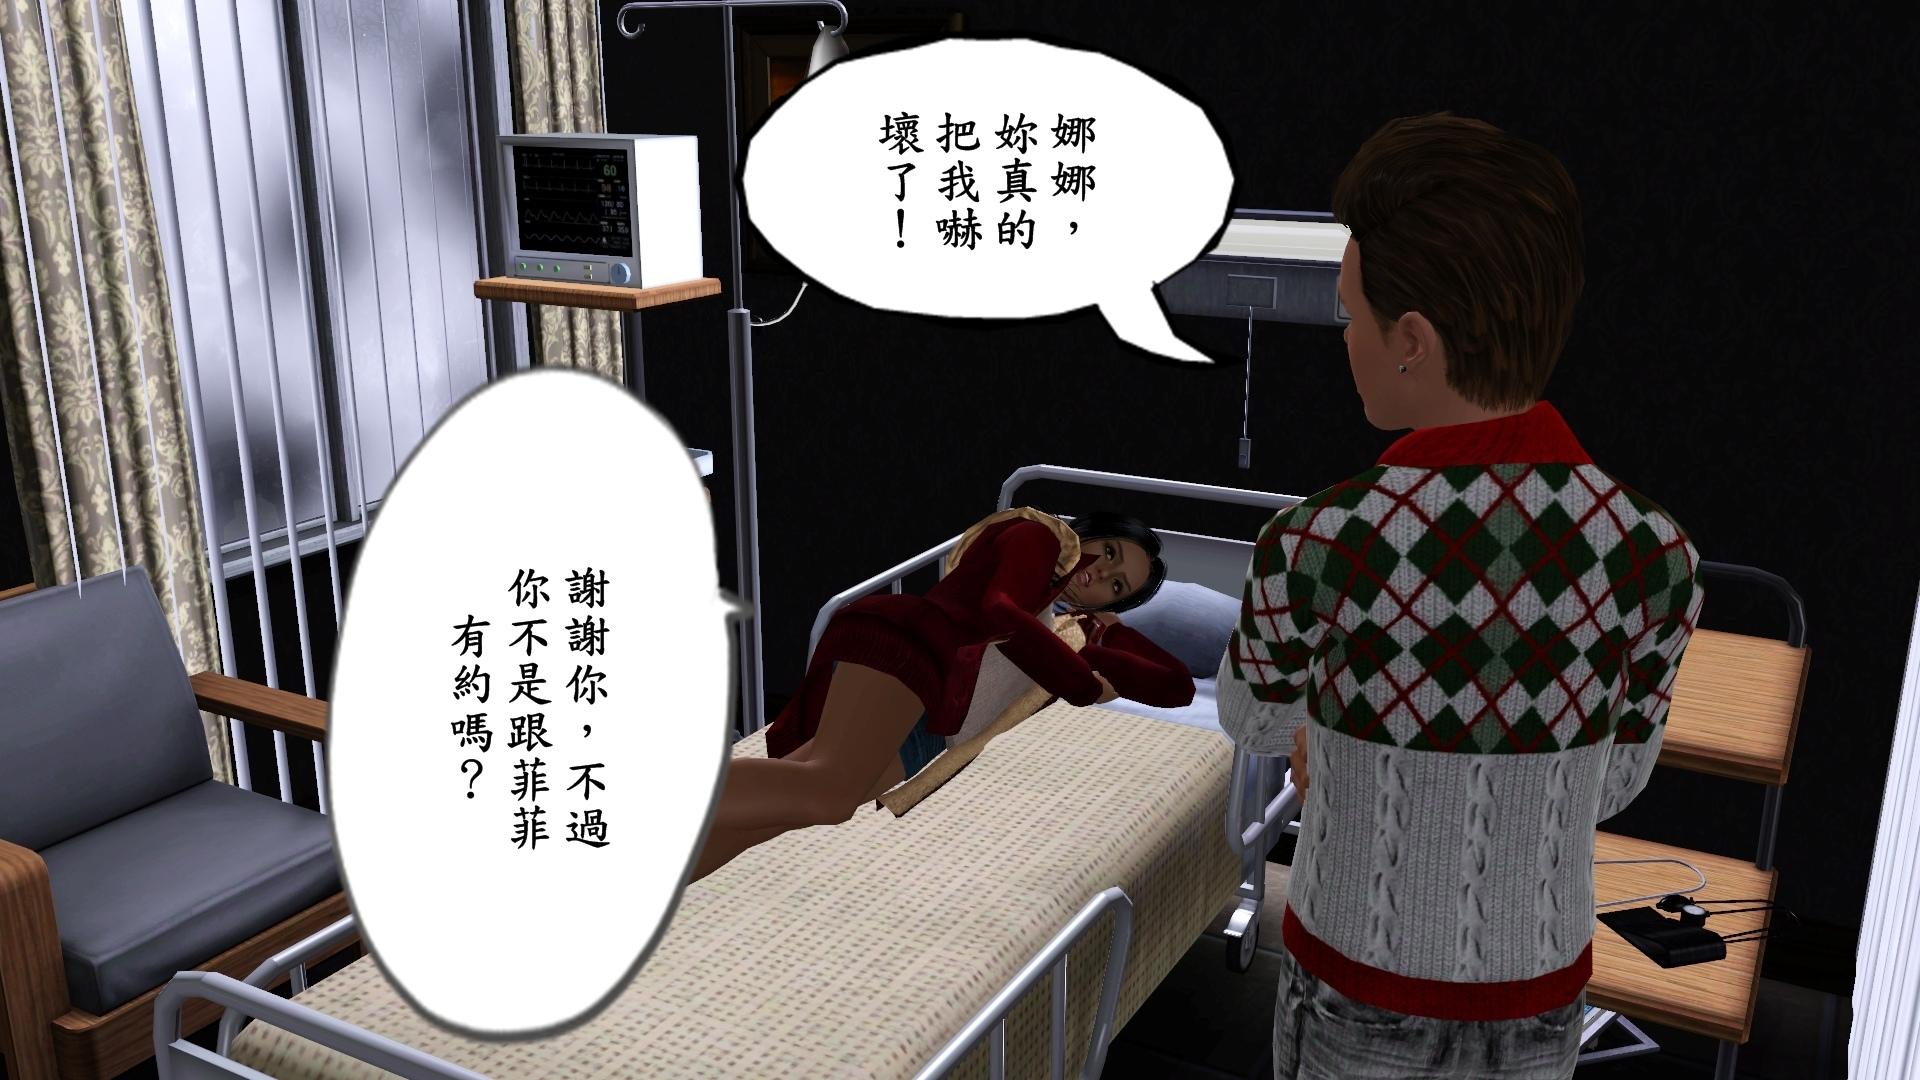 D06對了,小賈,妳不是跟菲菲有約嗎?.jpg